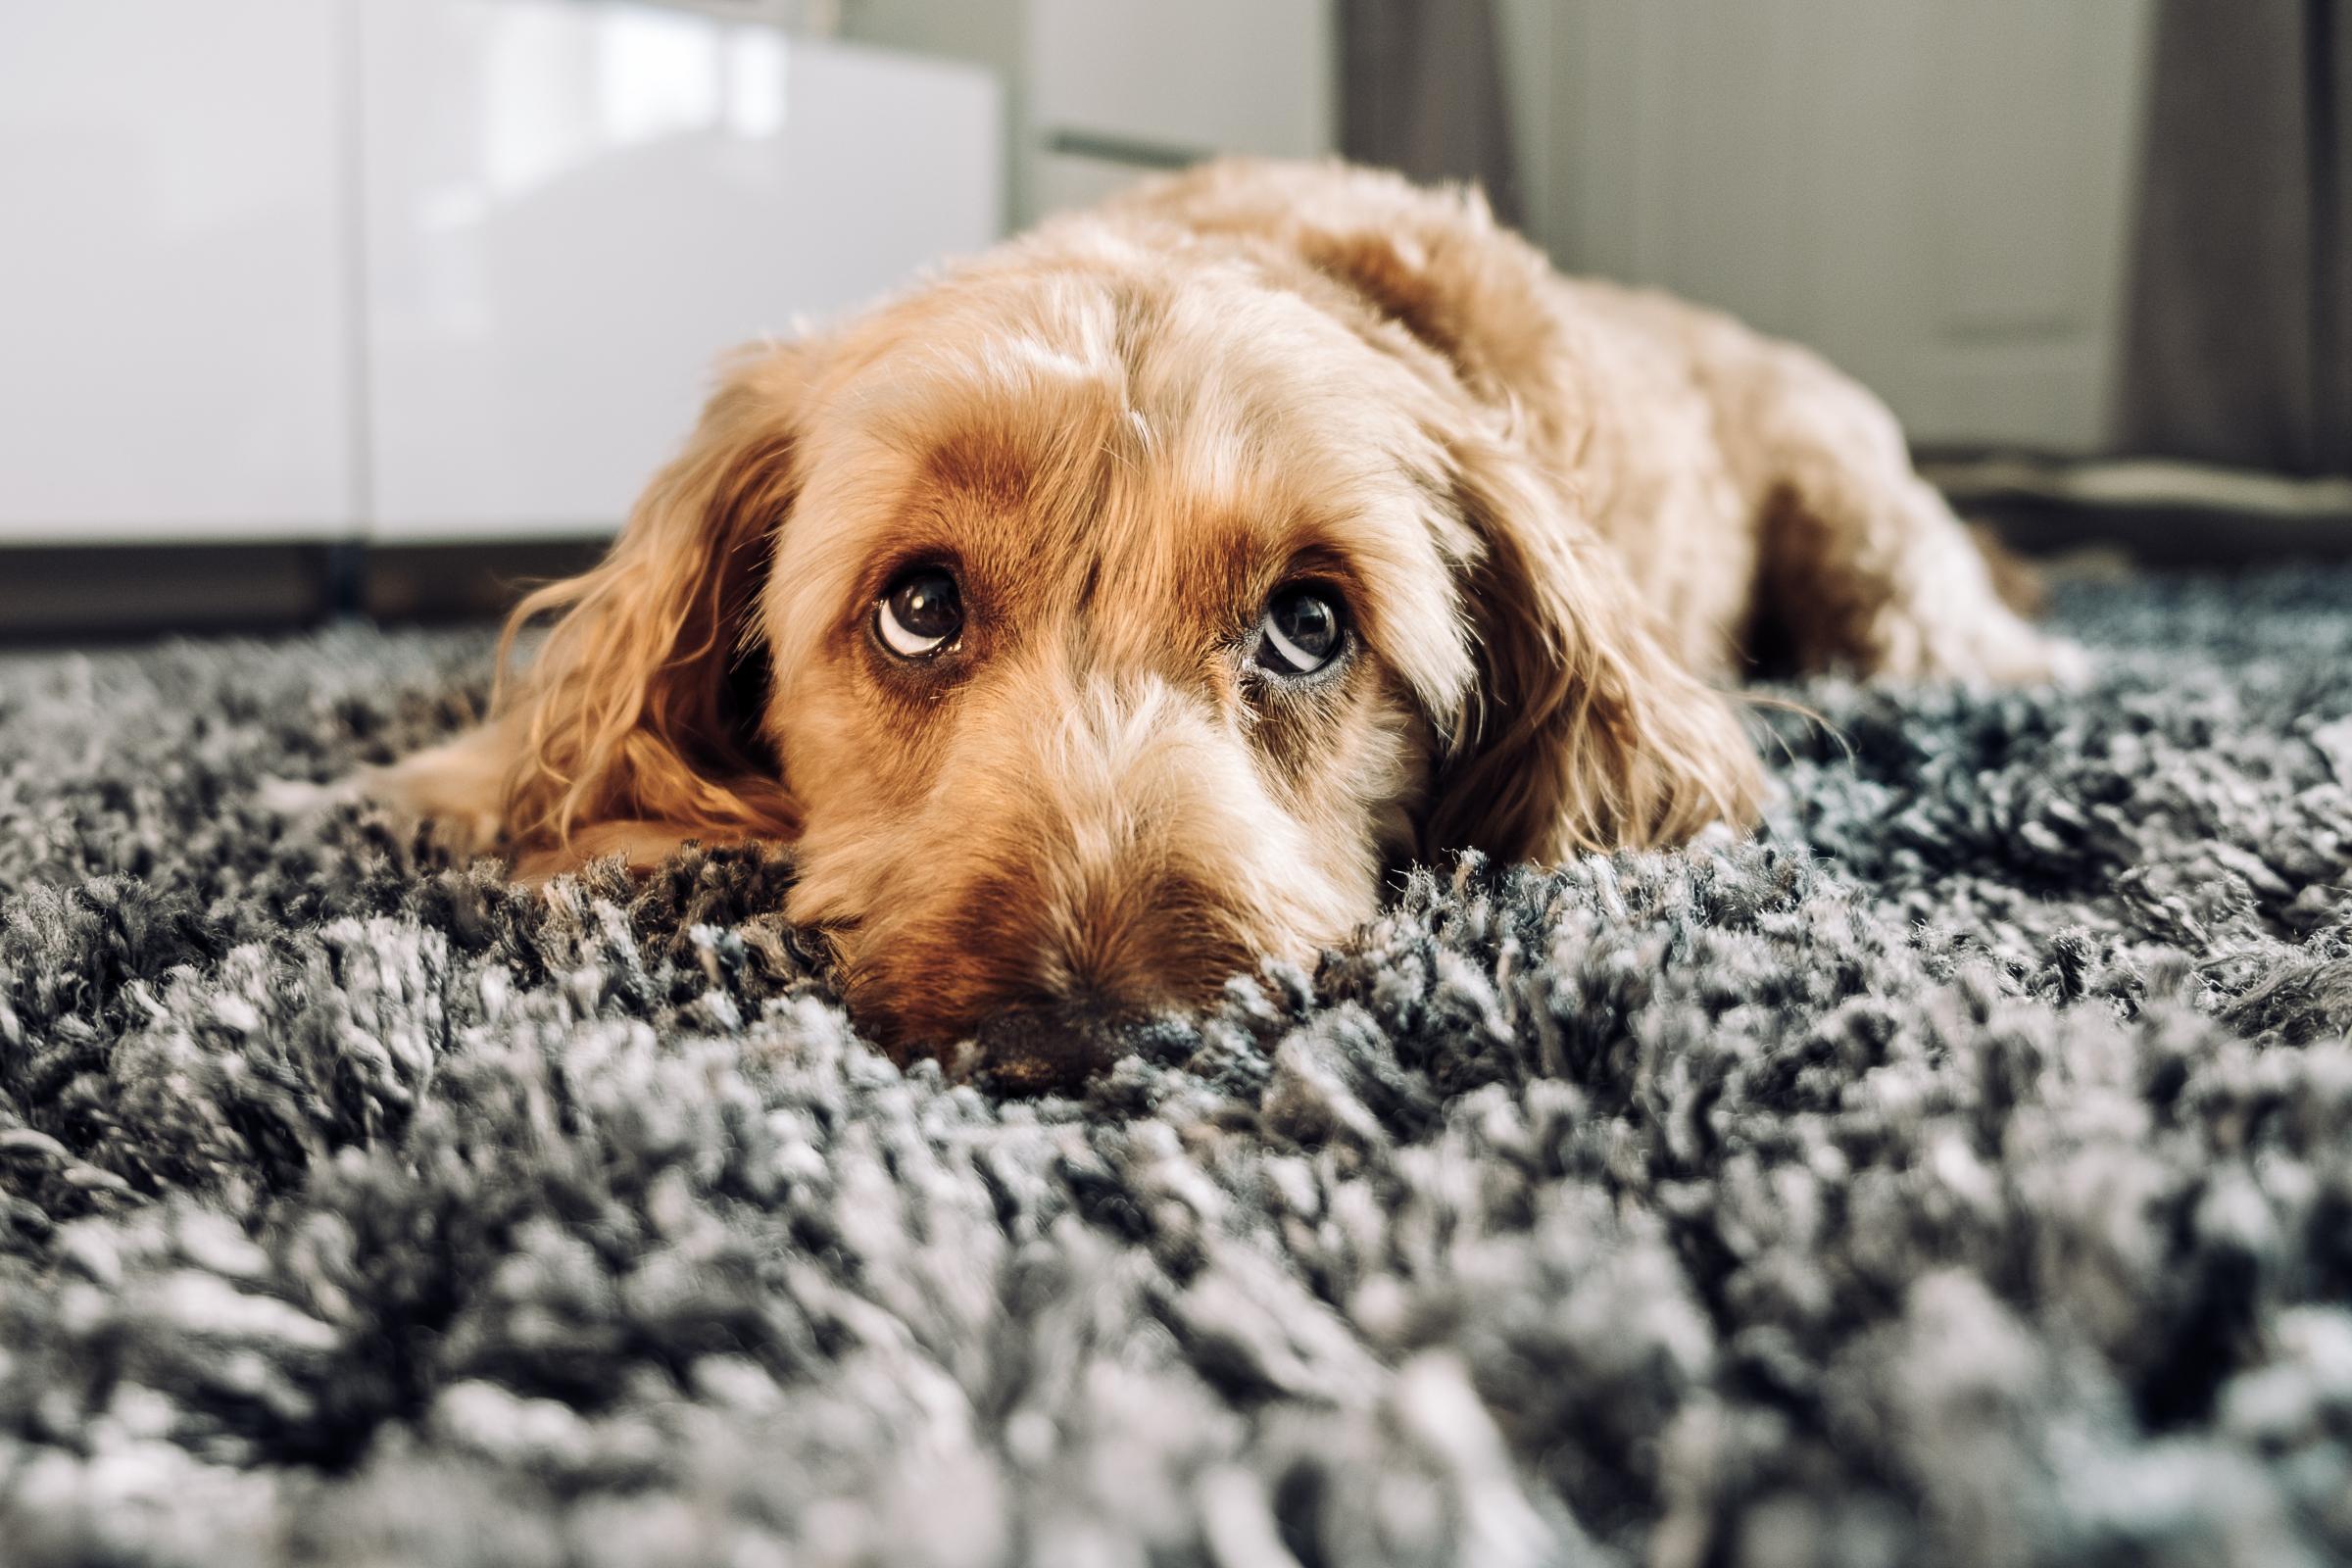 מתאימים את עצמם למערכת הנפשית שכבר קיימת אצל בני אדם. כלב מרים גבות | צילום: Shutterstock